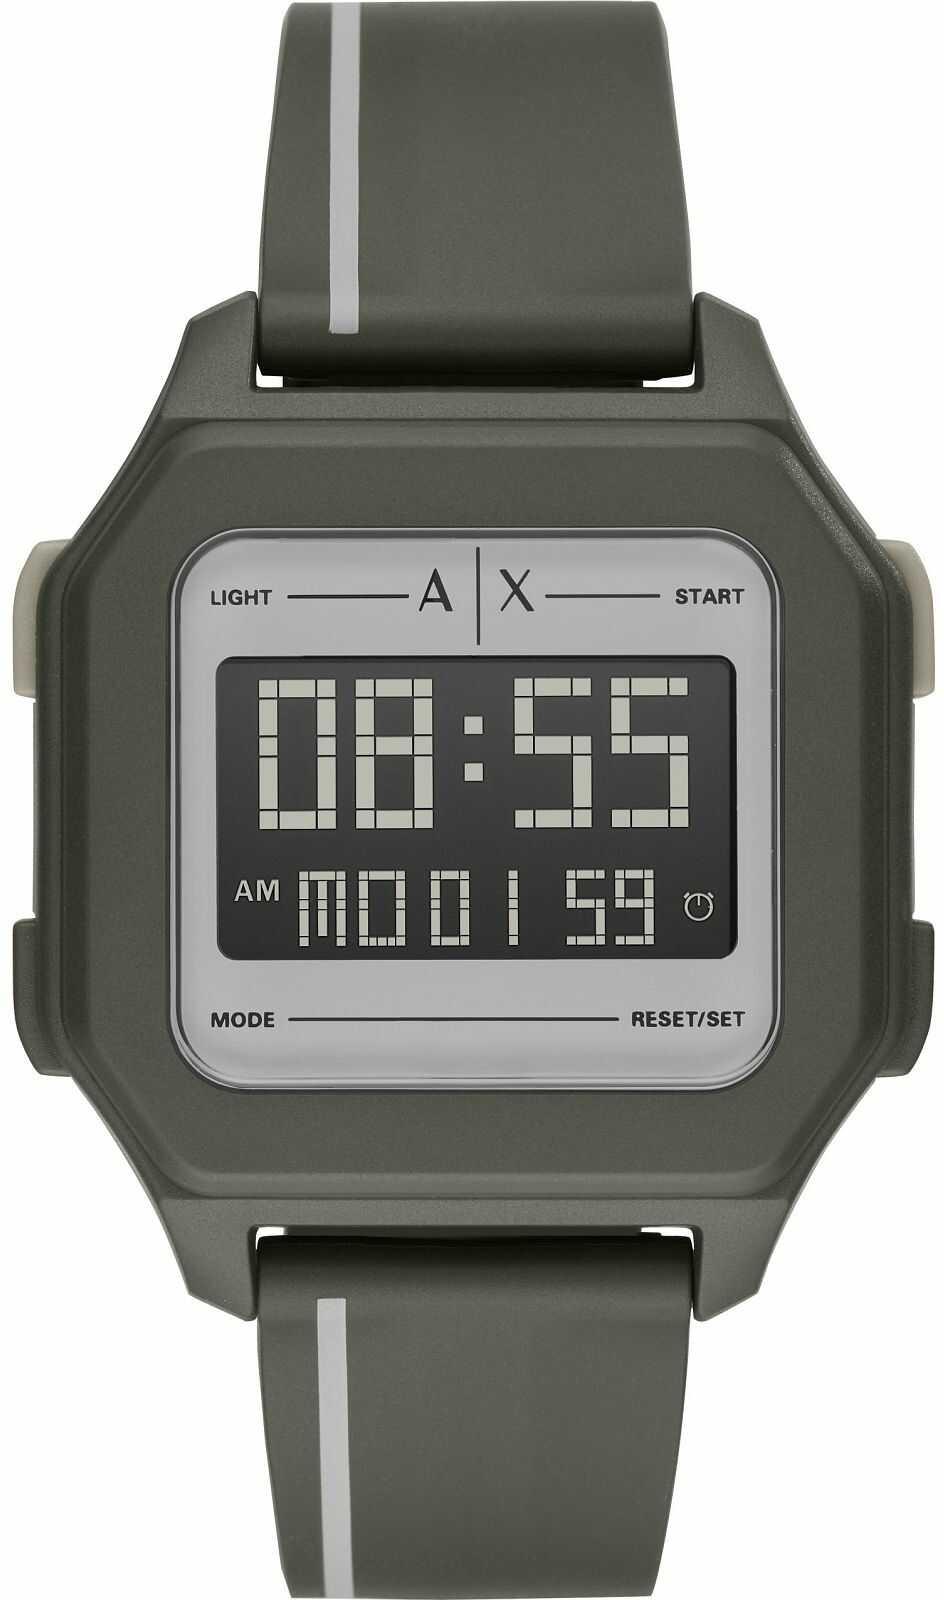 Zegarek Armani Exchange AX2953 > Wysyłka tego samego dnia Grawer 0zł Darmowa dostawa Kurierem/Inpost Darmowy zwrot przez 100 DNI